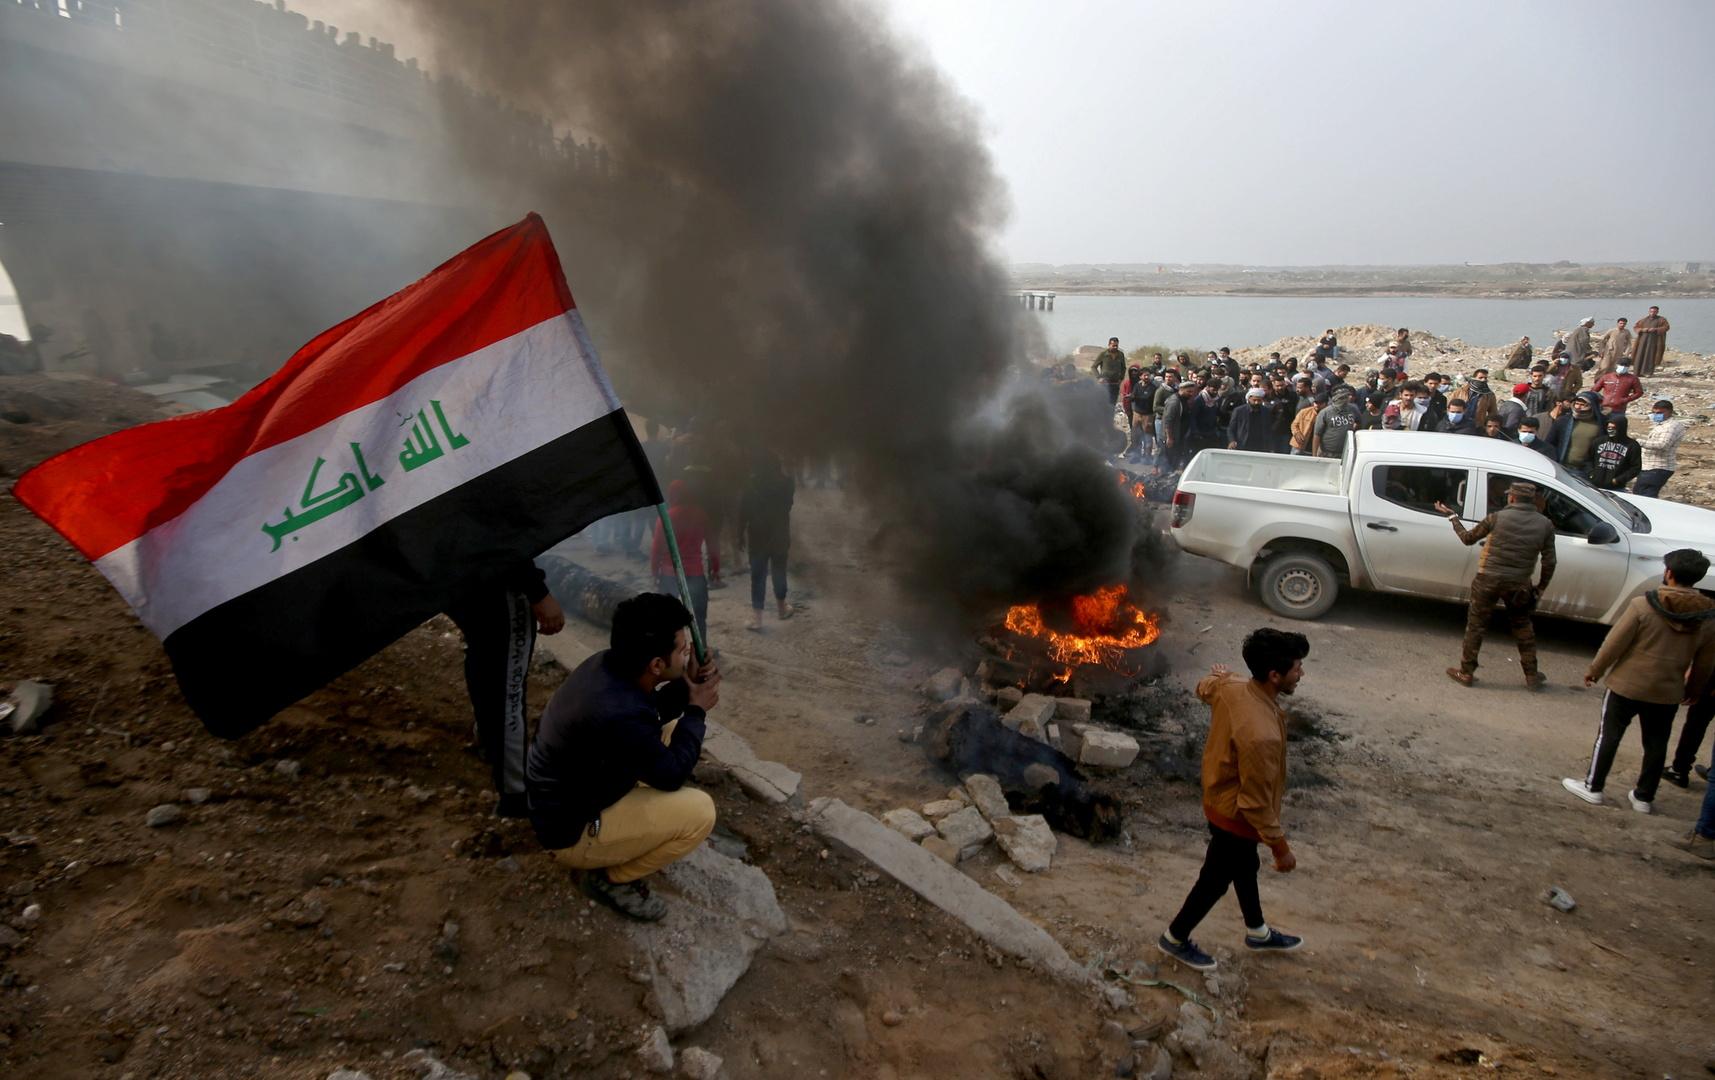 مقتل شخص وإصابة 31 آخرين خلال صدامات جنوبي العراق